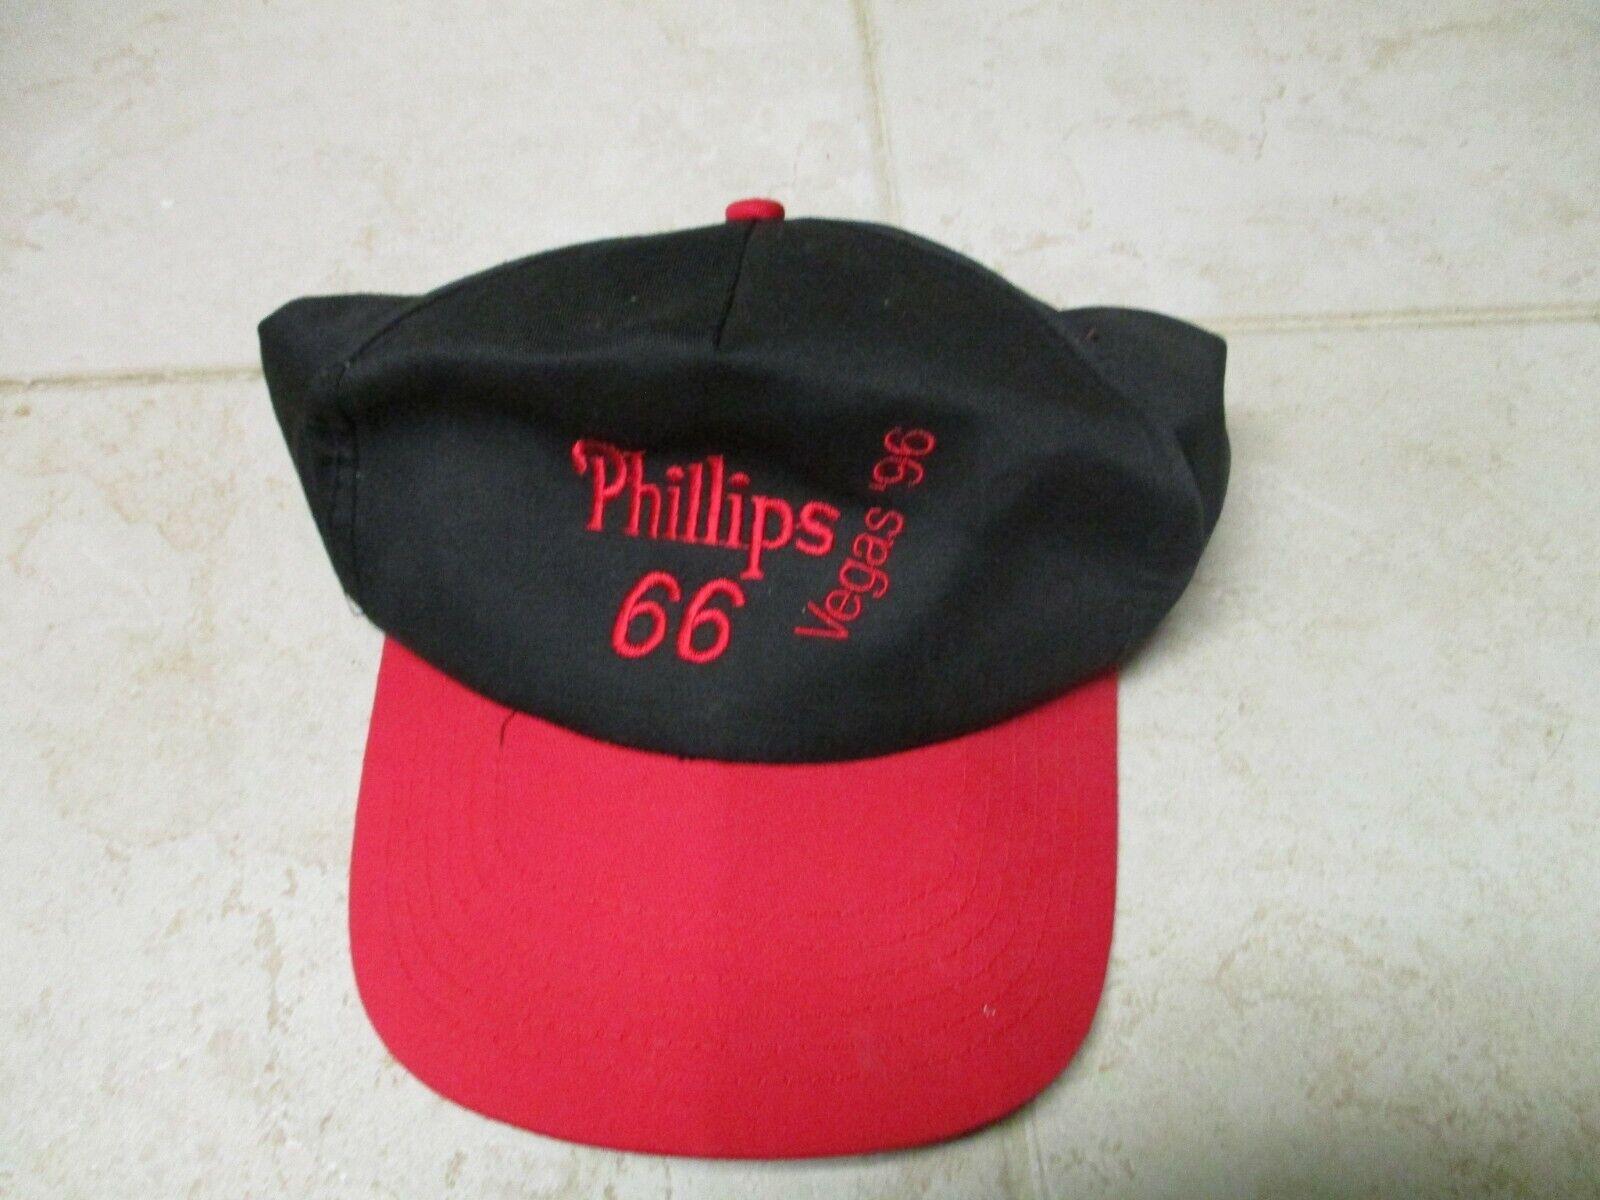 VTG Phillips 66 Vegas 96 Red Black Snapback Trucker Baseball Hat Cap Adjustable